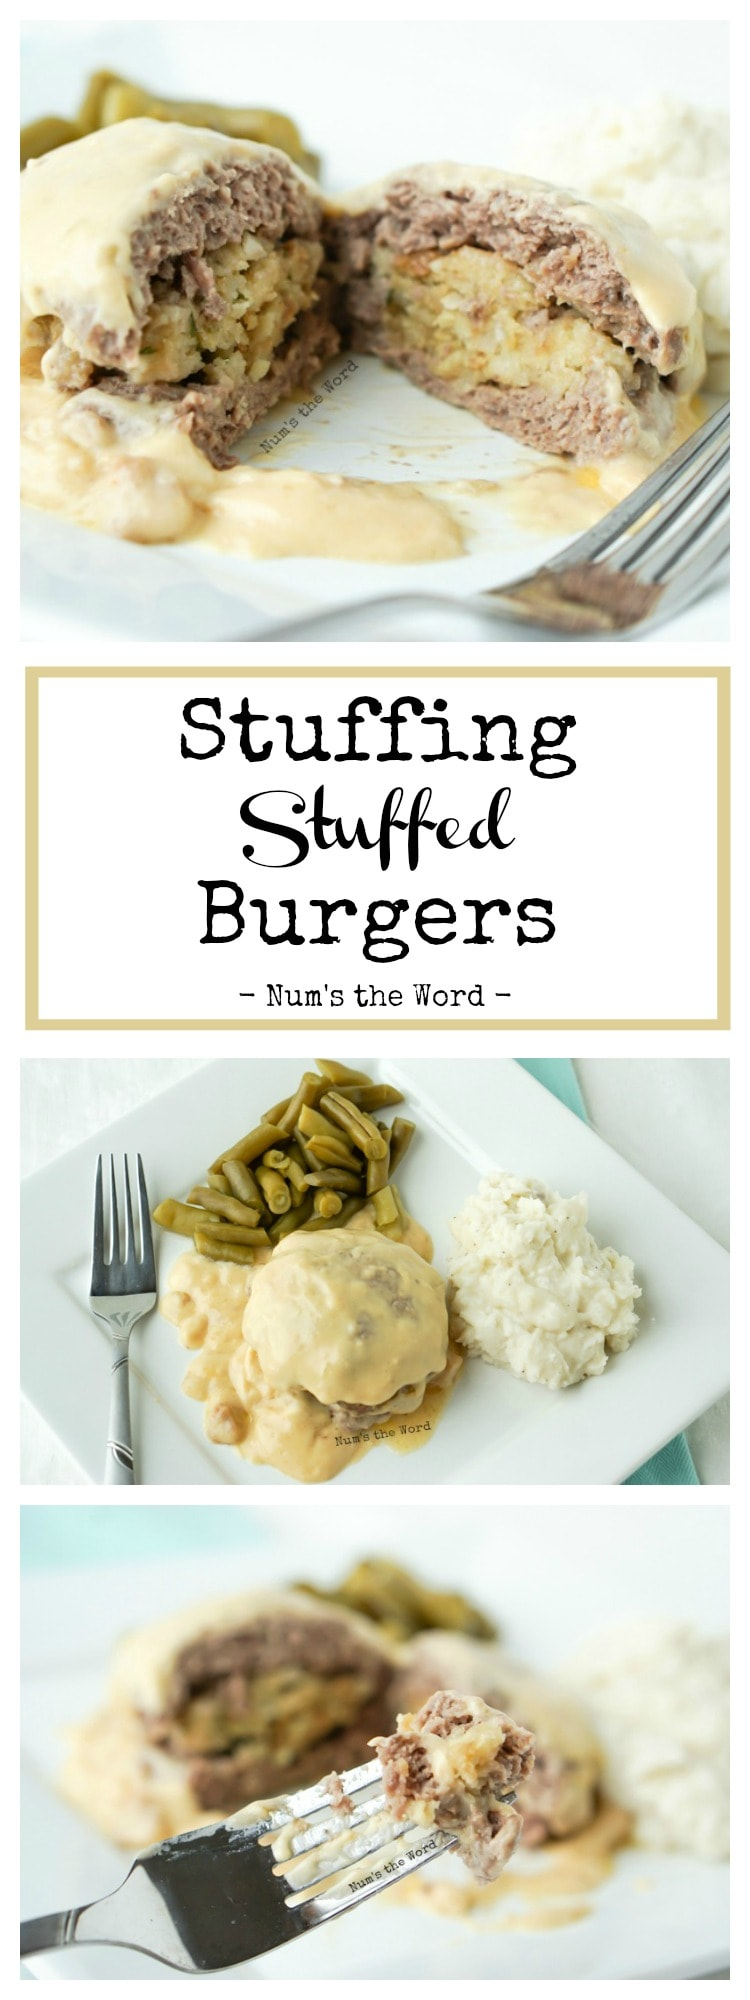 Stuffing Stuffed Burgers